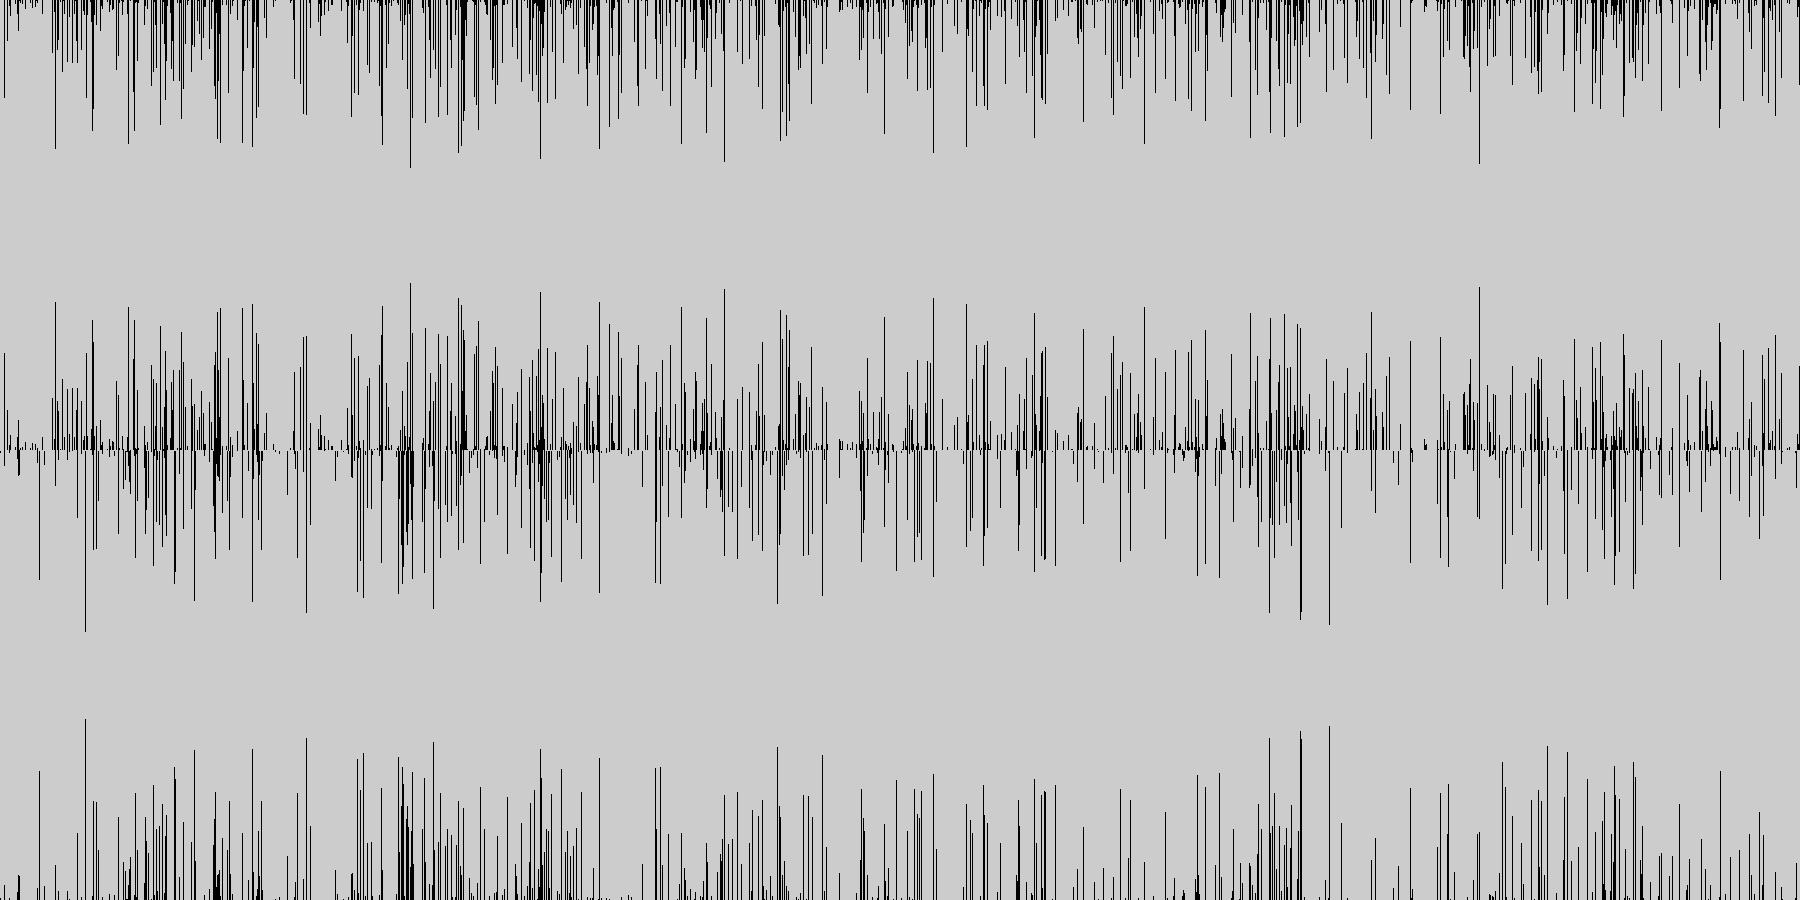 ザー...。雨の音(長め)の未再生の波形